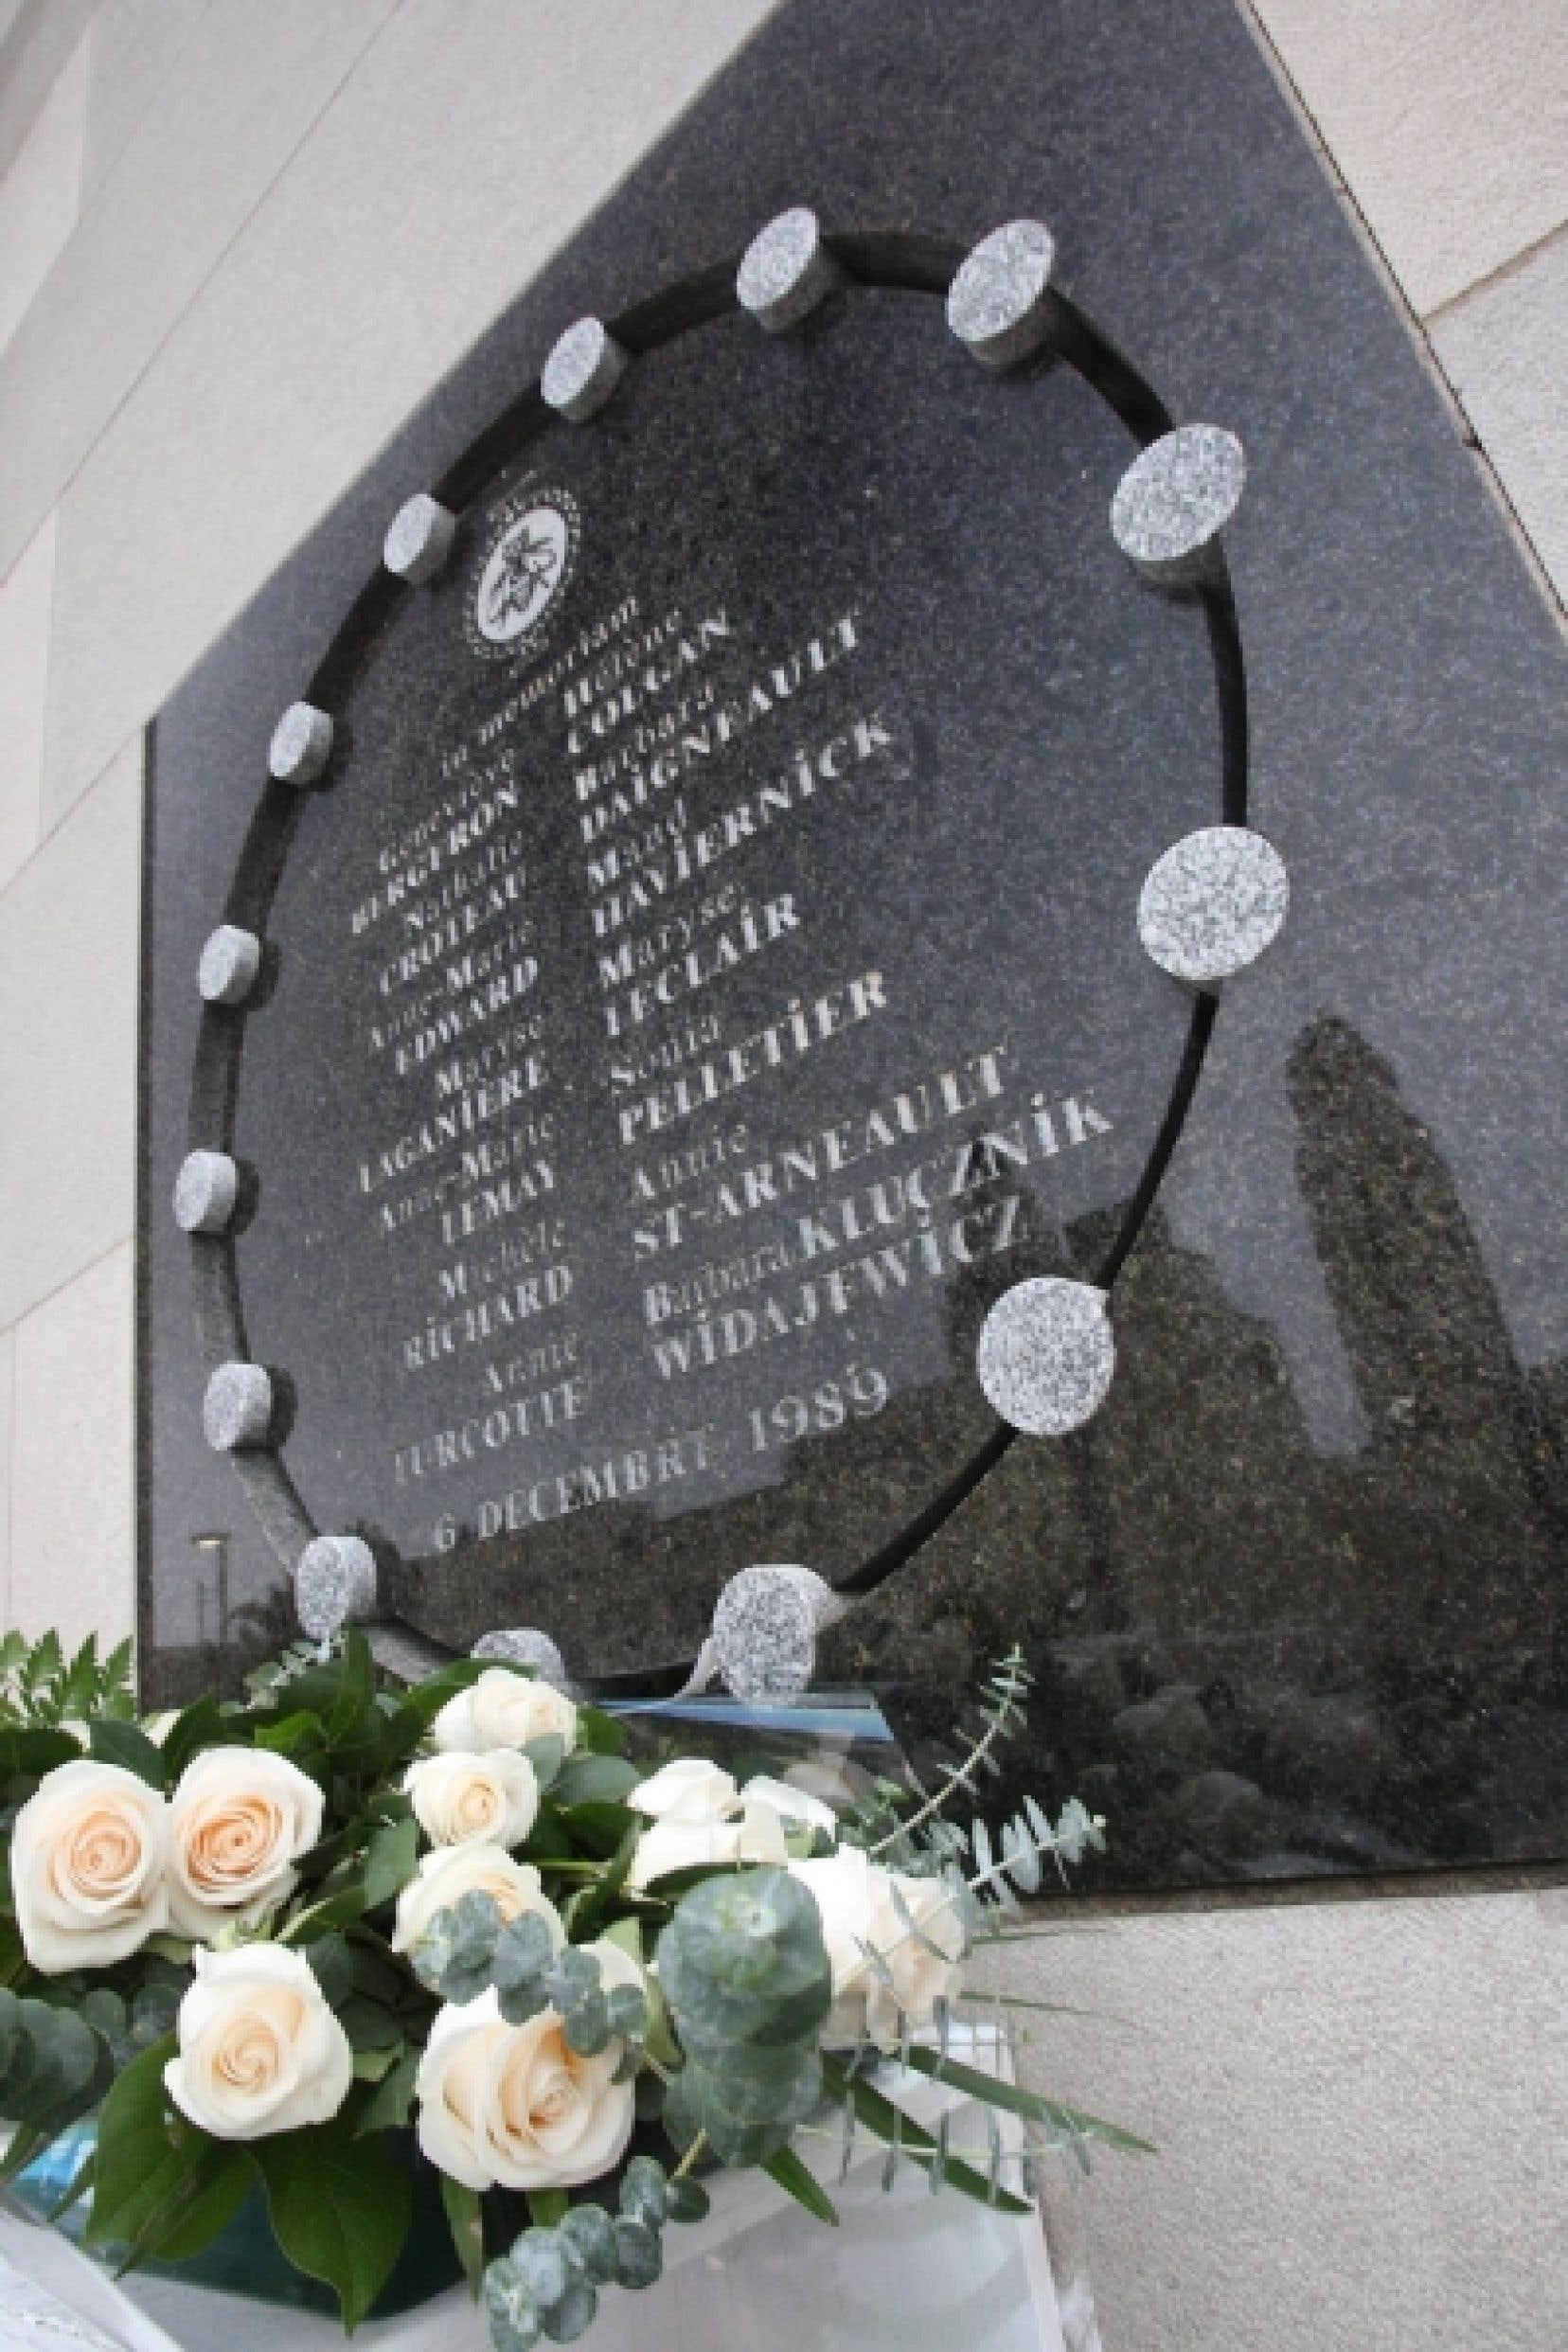 Le monument commémorant les 14 victimes de Marc Lépine lors de la tuerie de Polytechnique.